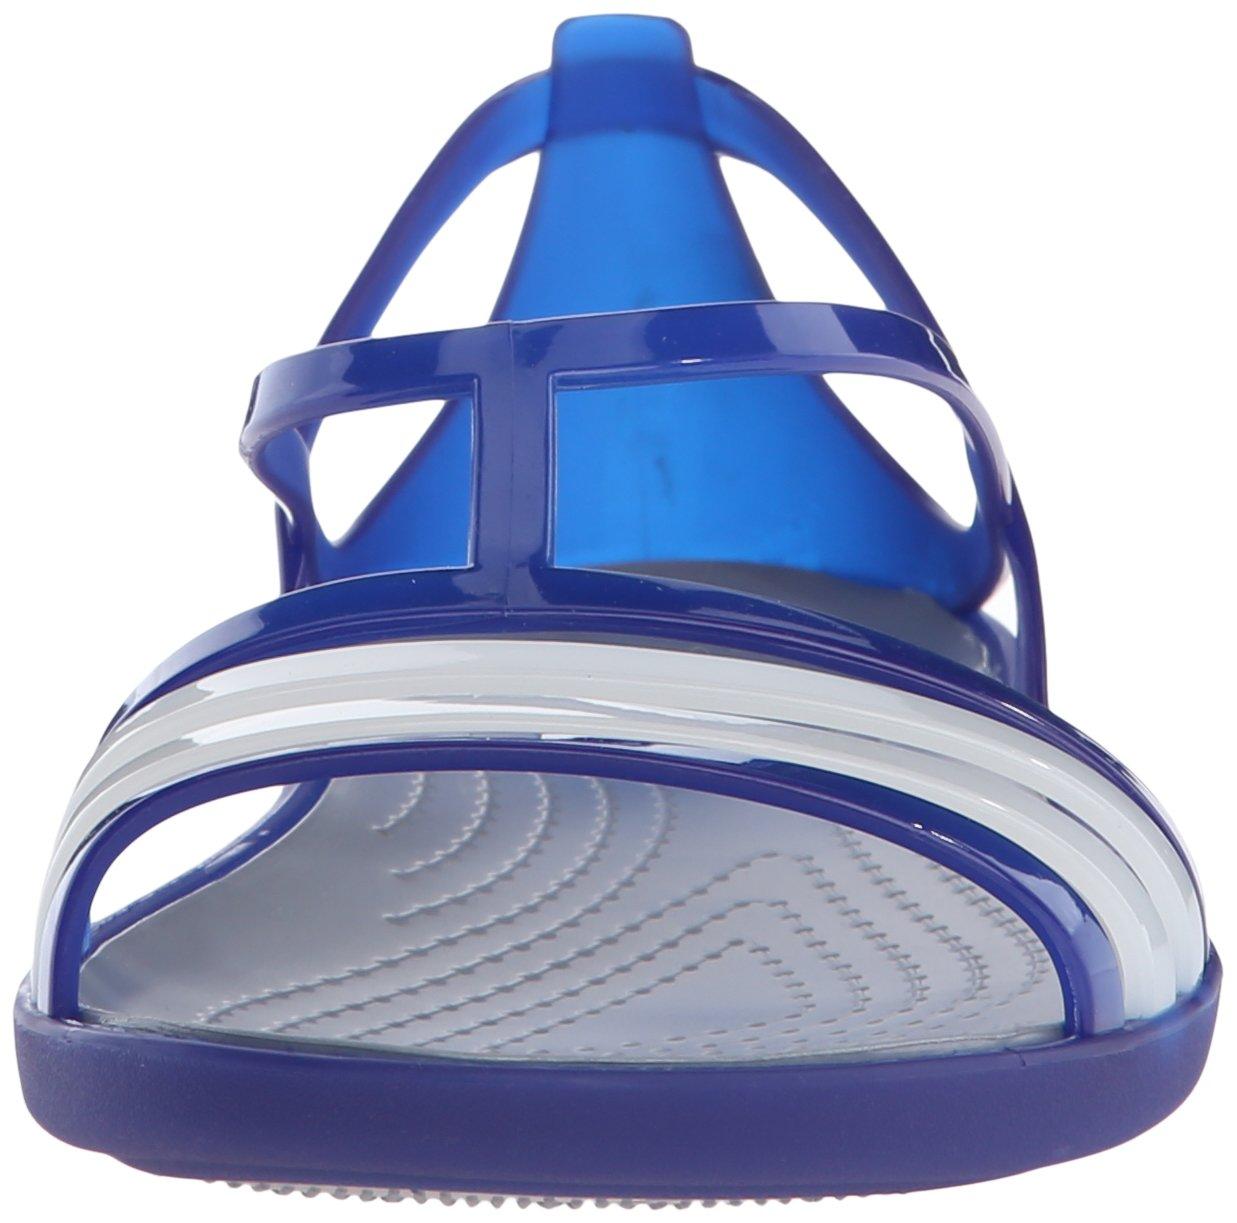 Crocs Damen Blau Isabella W Sandalen Cerulan Blau Damen 826886